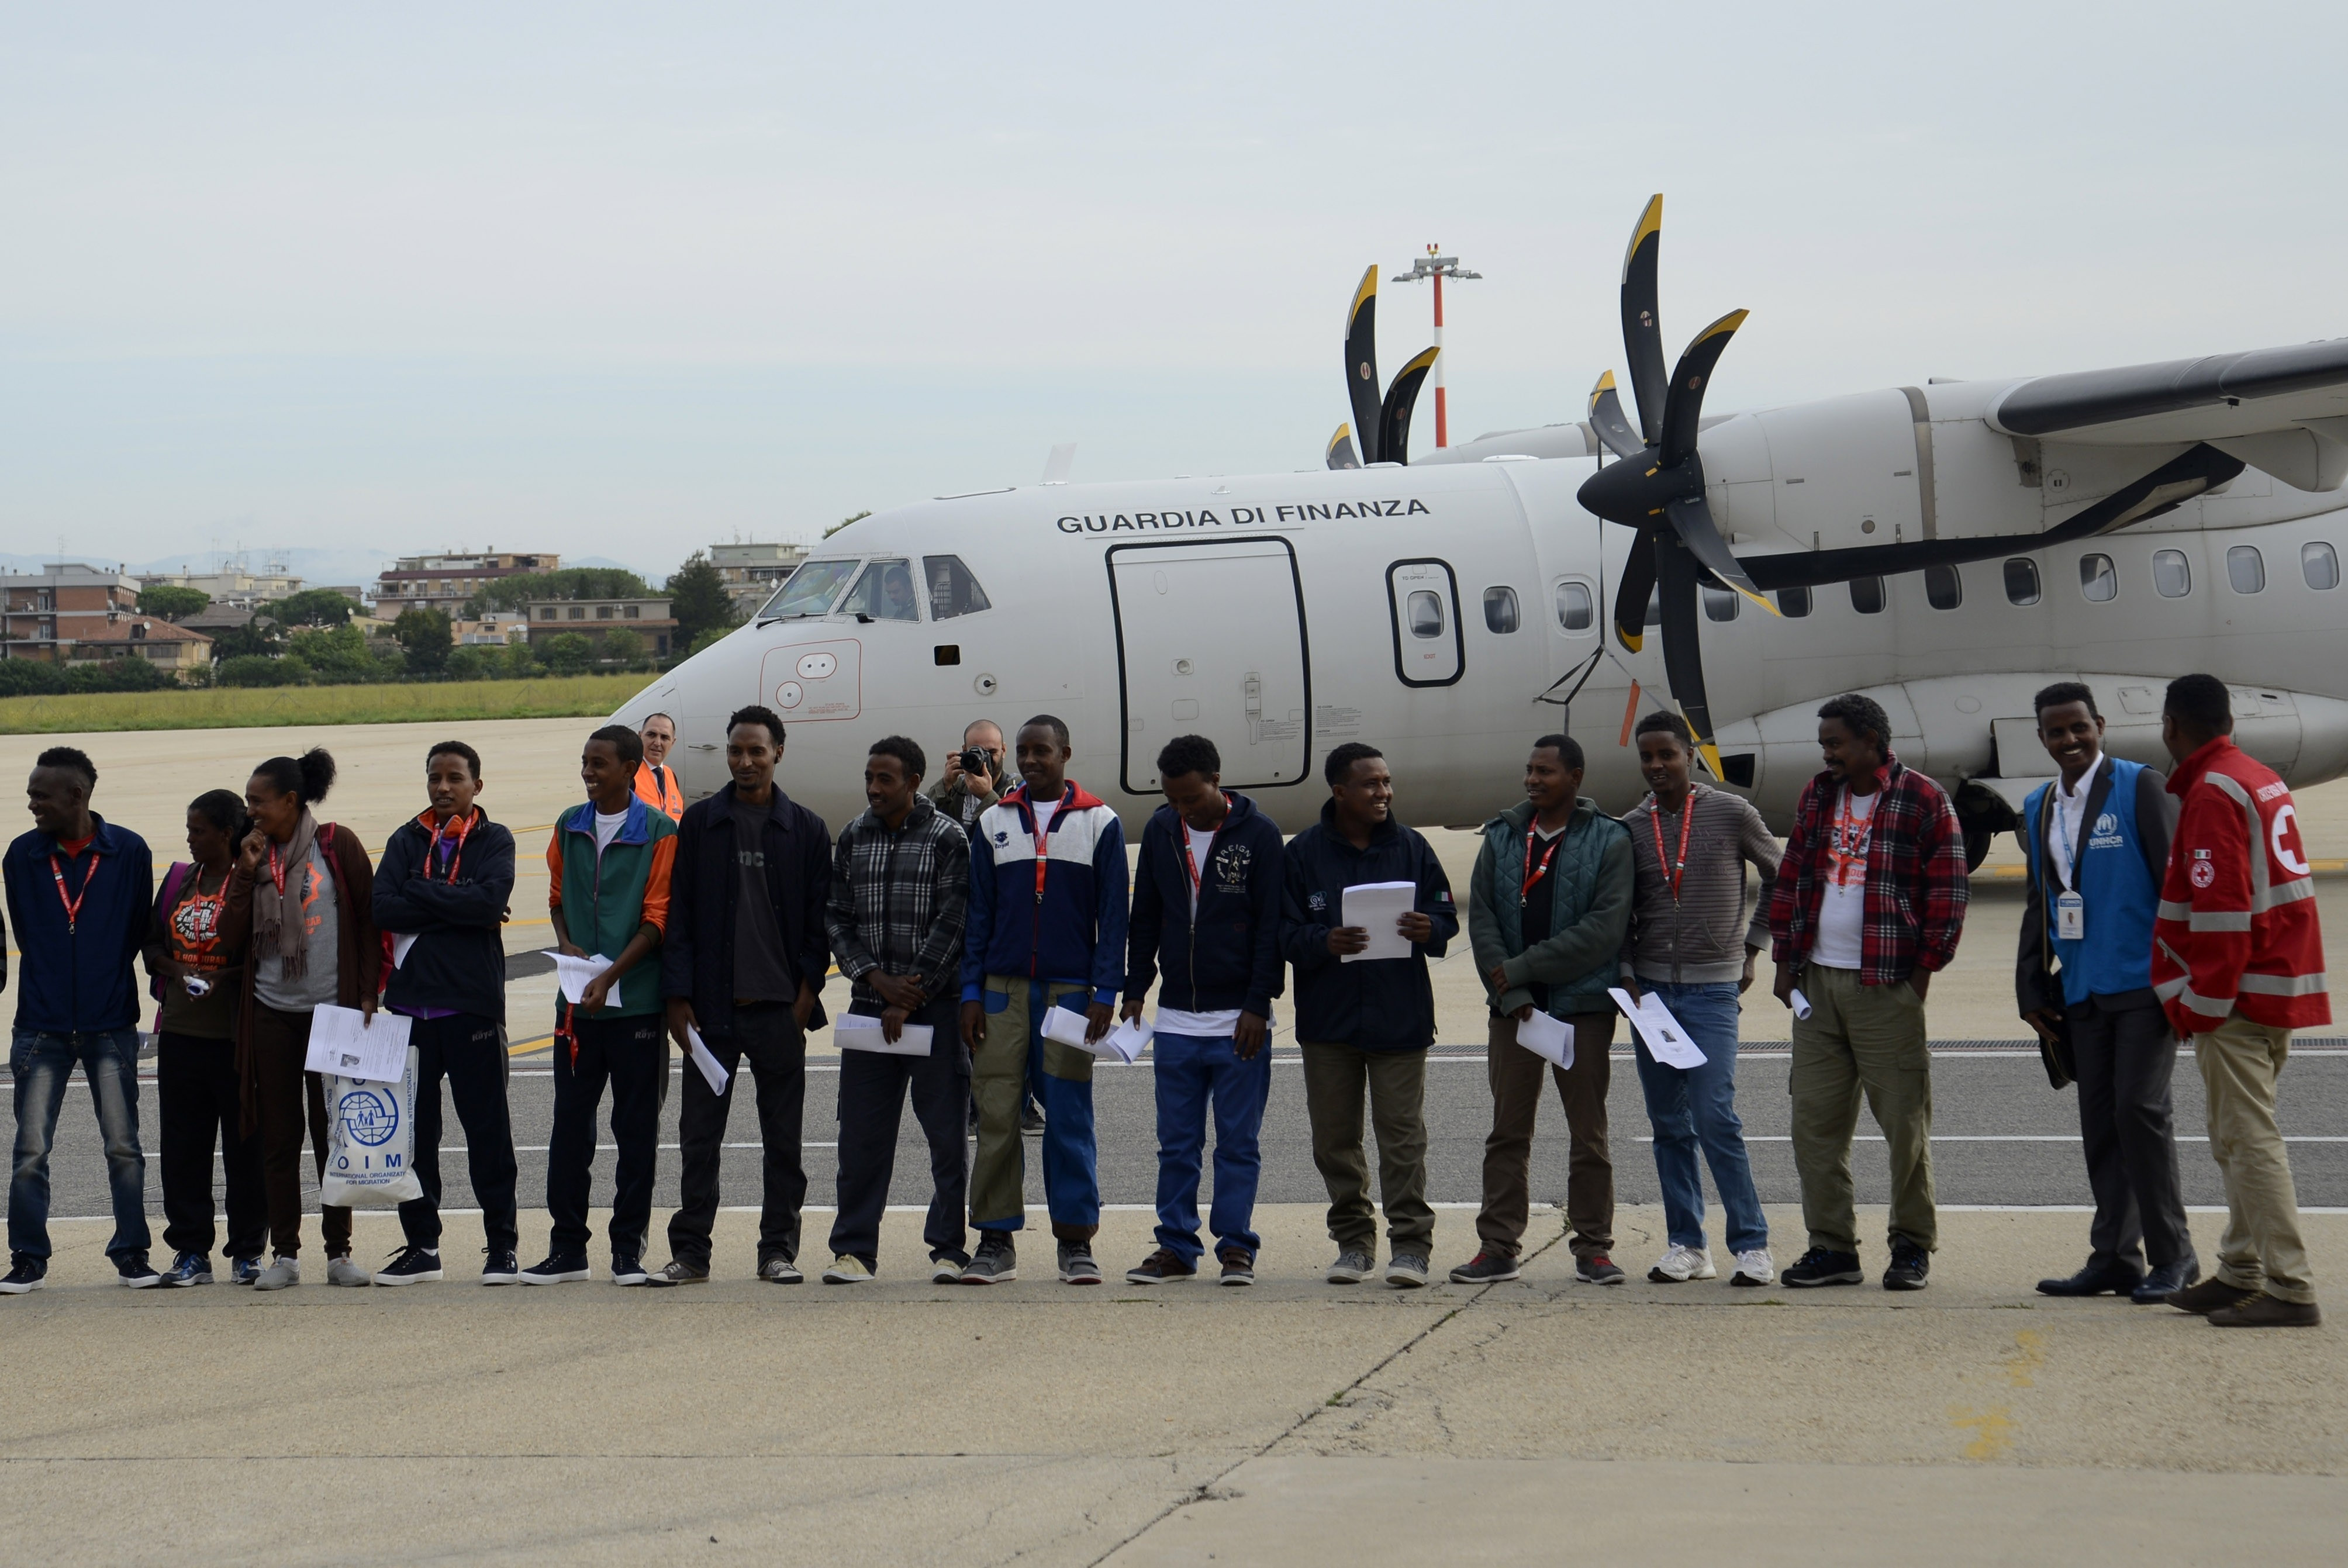 Észtország befogadott négy (4) eritreai nőt Olaszországból